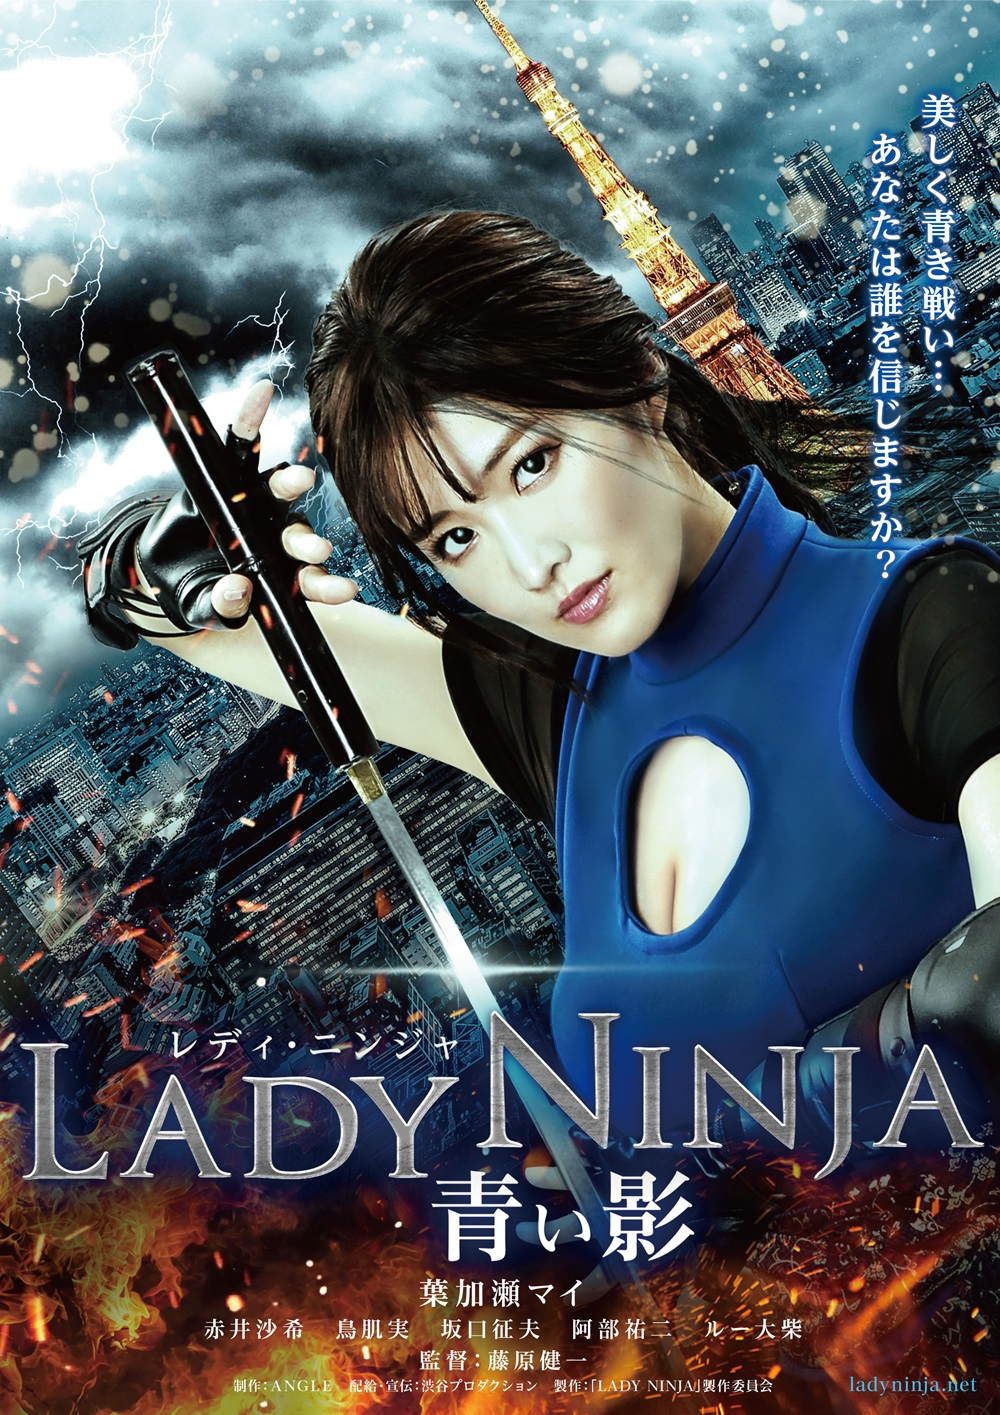 【画像】映画『LADY NINJA 〜青い影〜』ポスタービジュアル